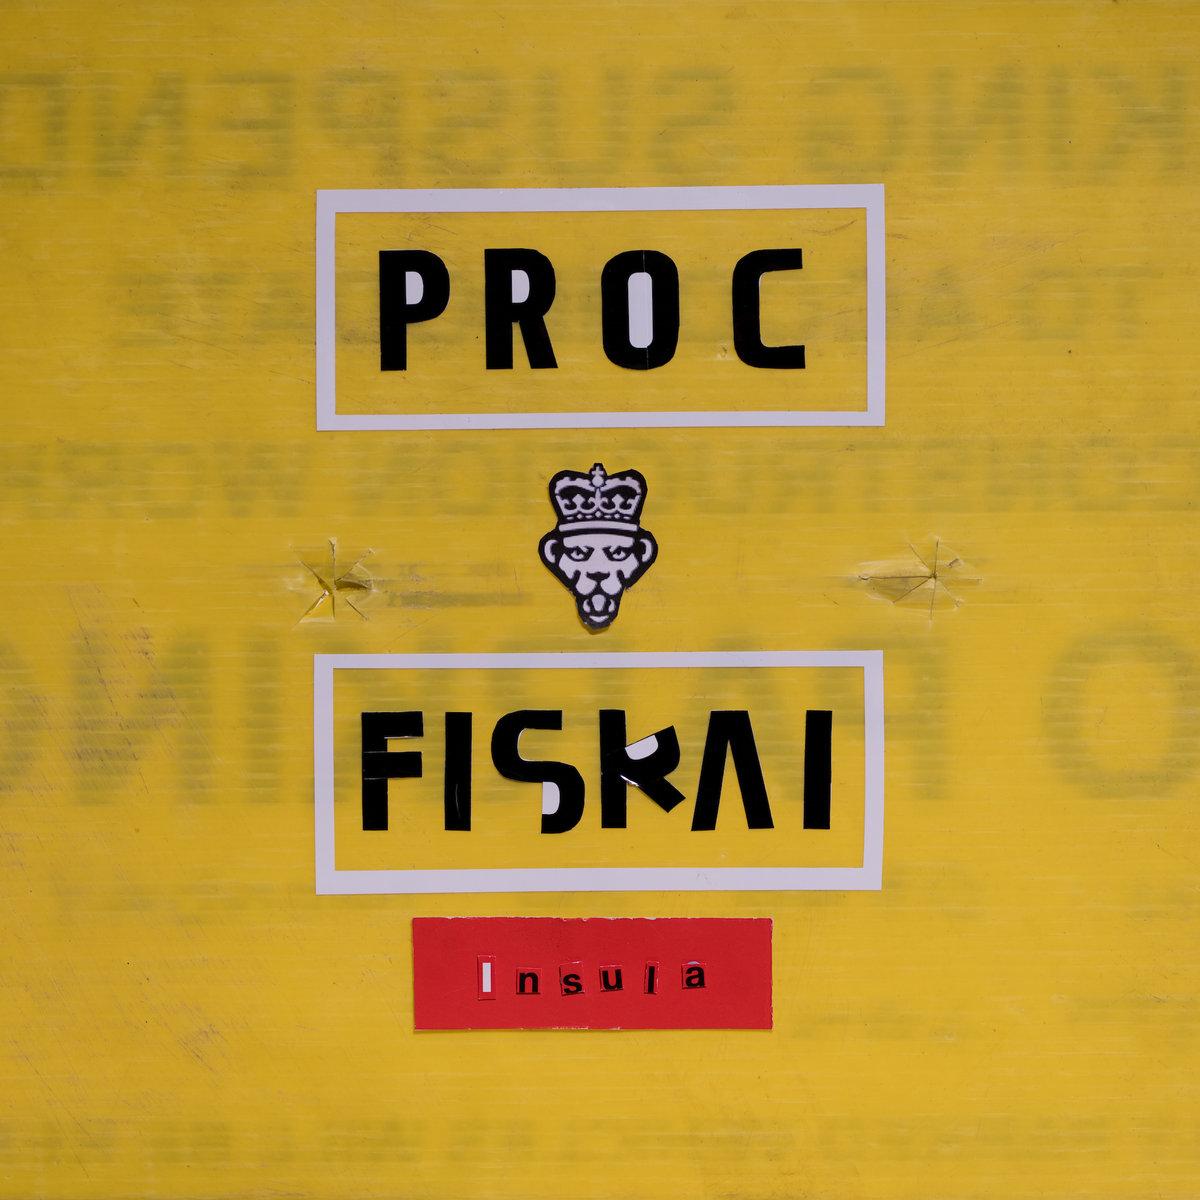 Proc Fiskal – Insula